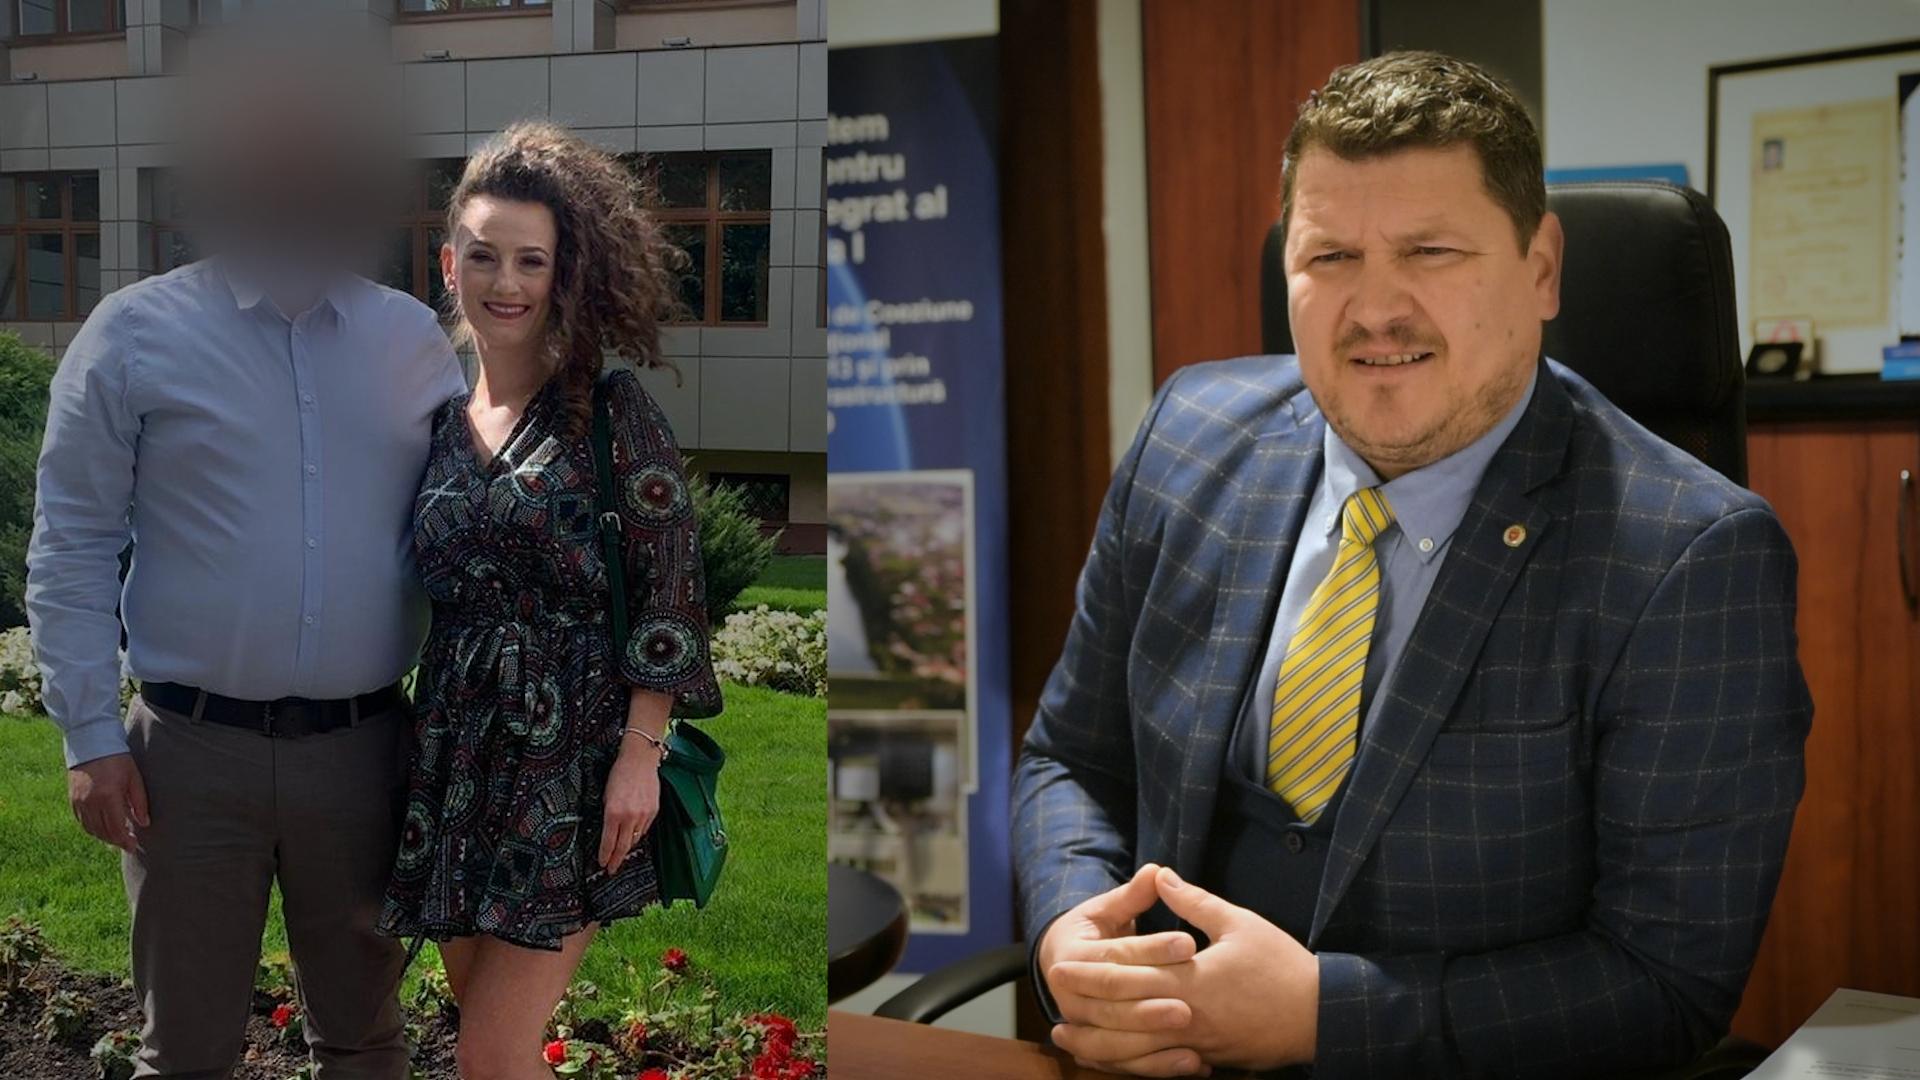 Ce s-a schimbat după investigația Recorder privind numirea unei foste chelnerițe ca inginer la Apele Române